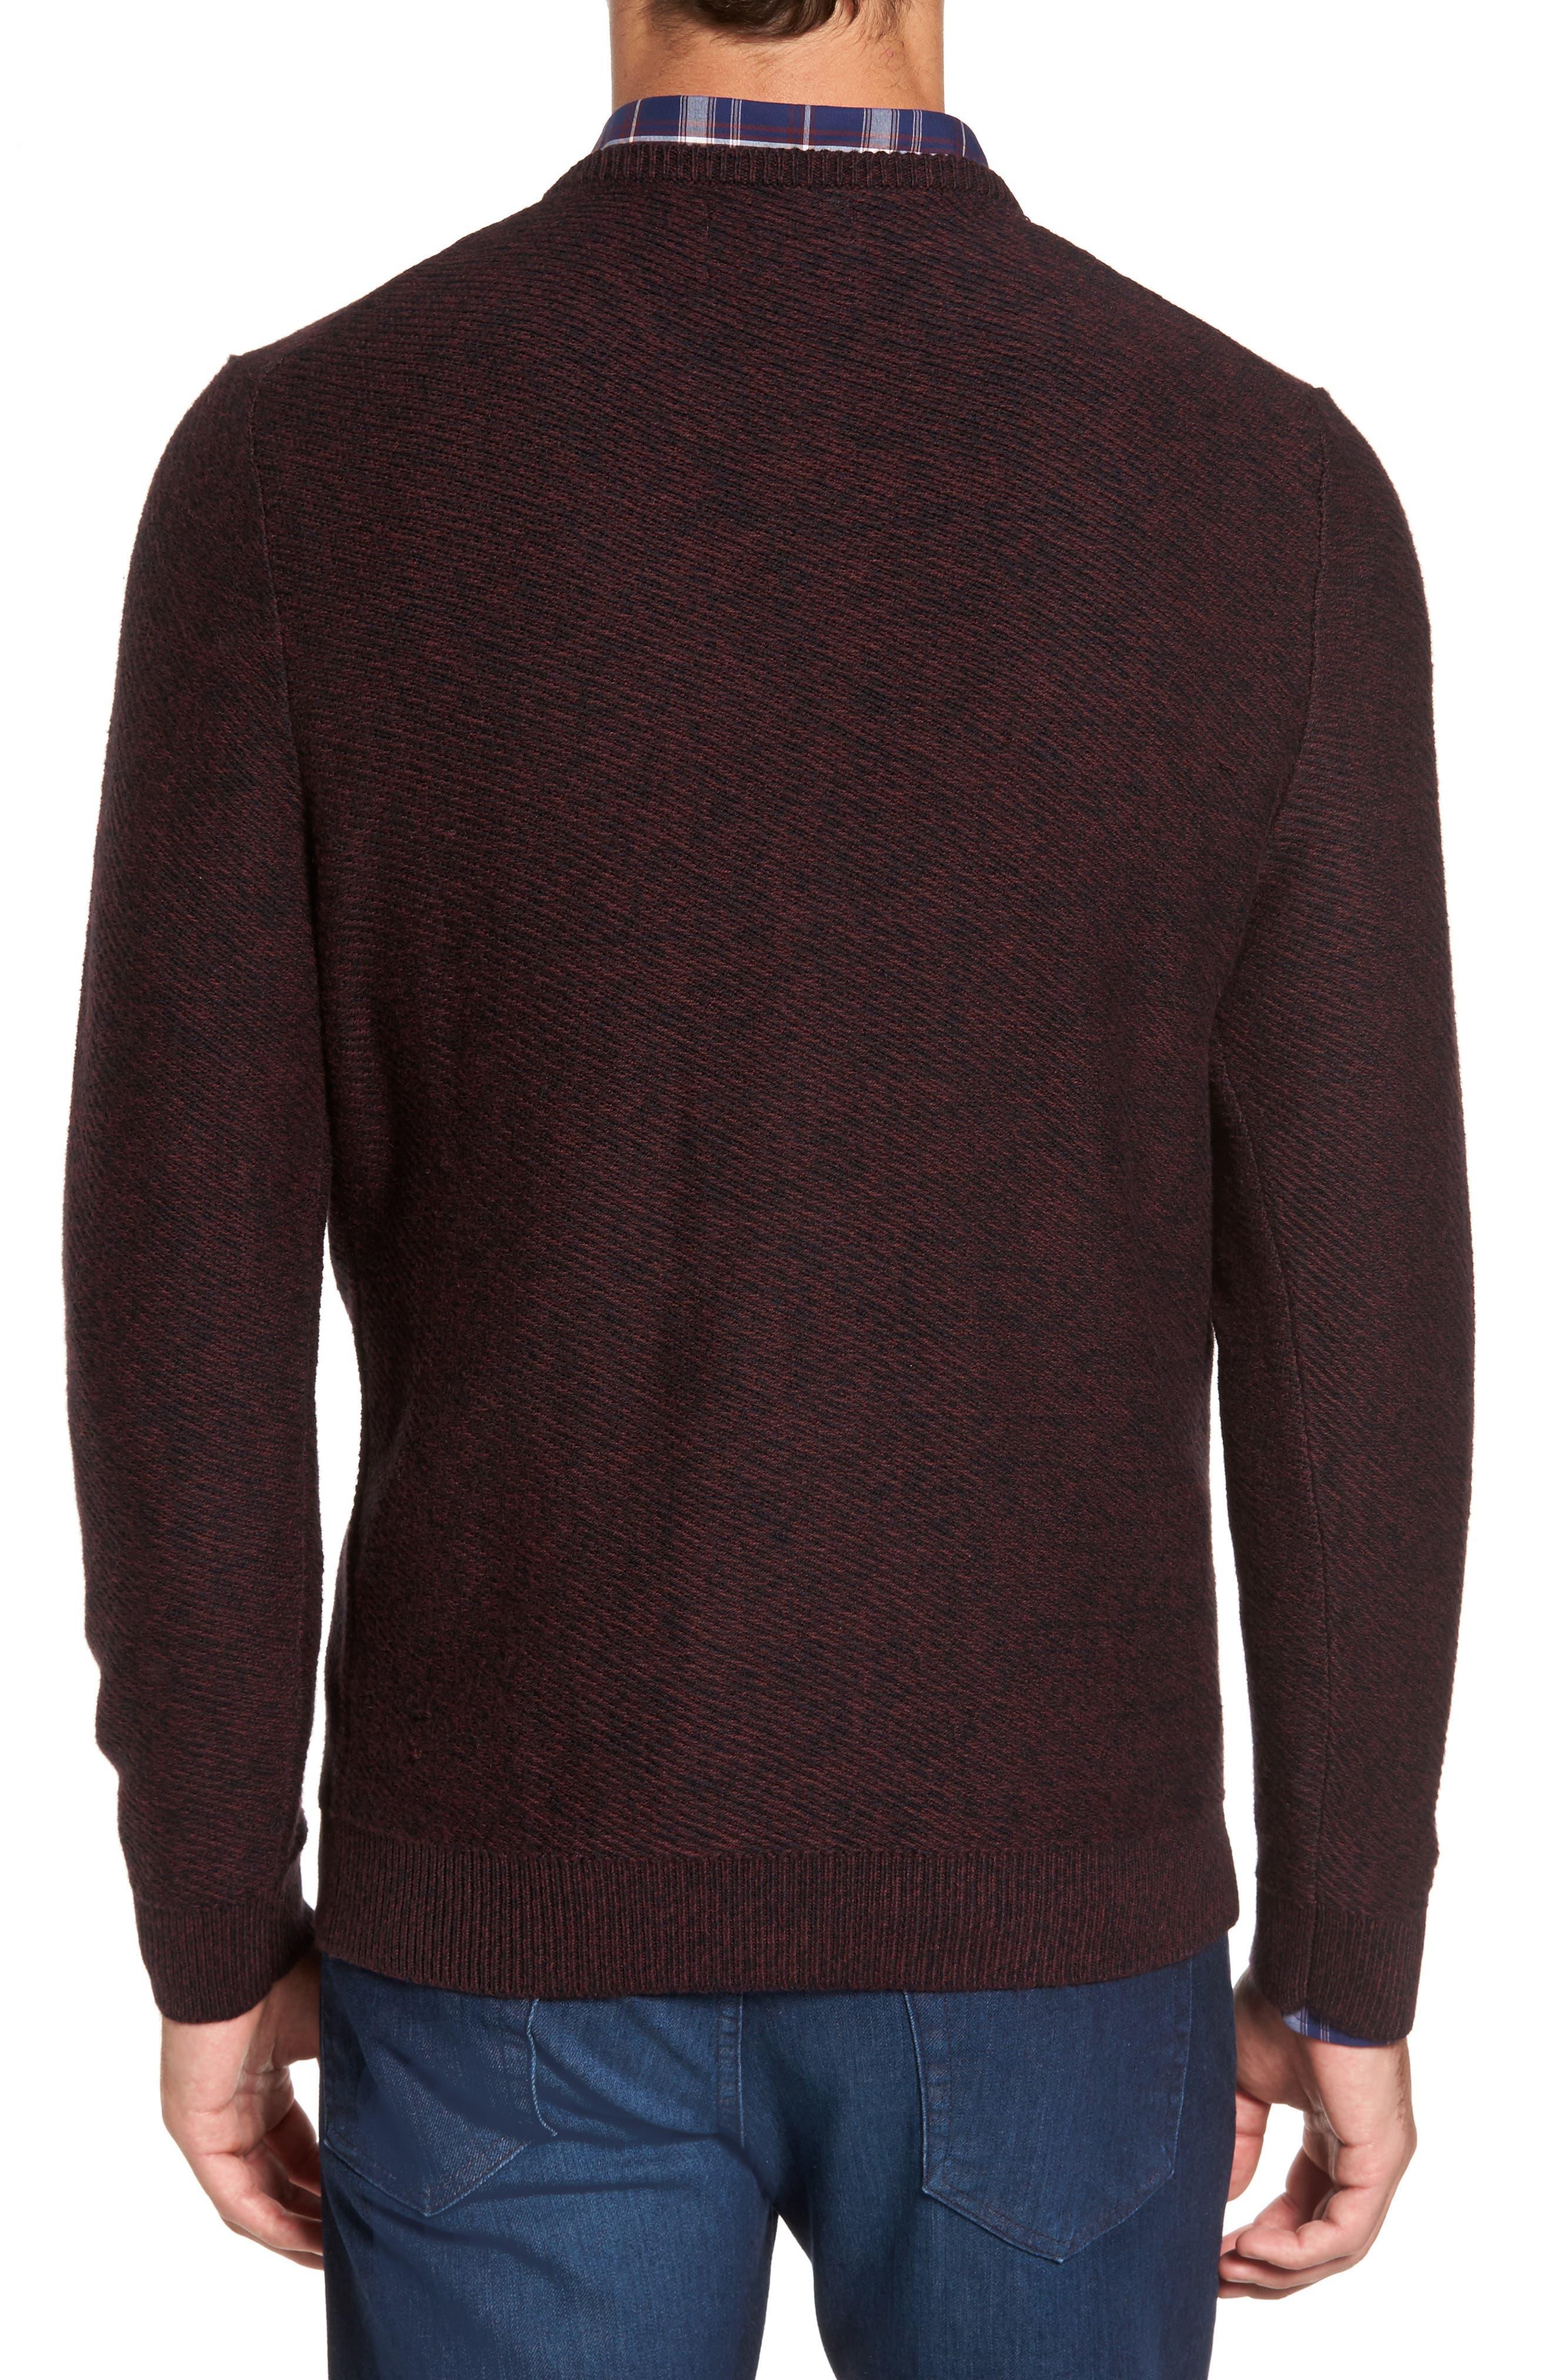 Alternate Image 2  - Nordstrom Men's Shop Cotton & Cashmere V-Neck Sweater